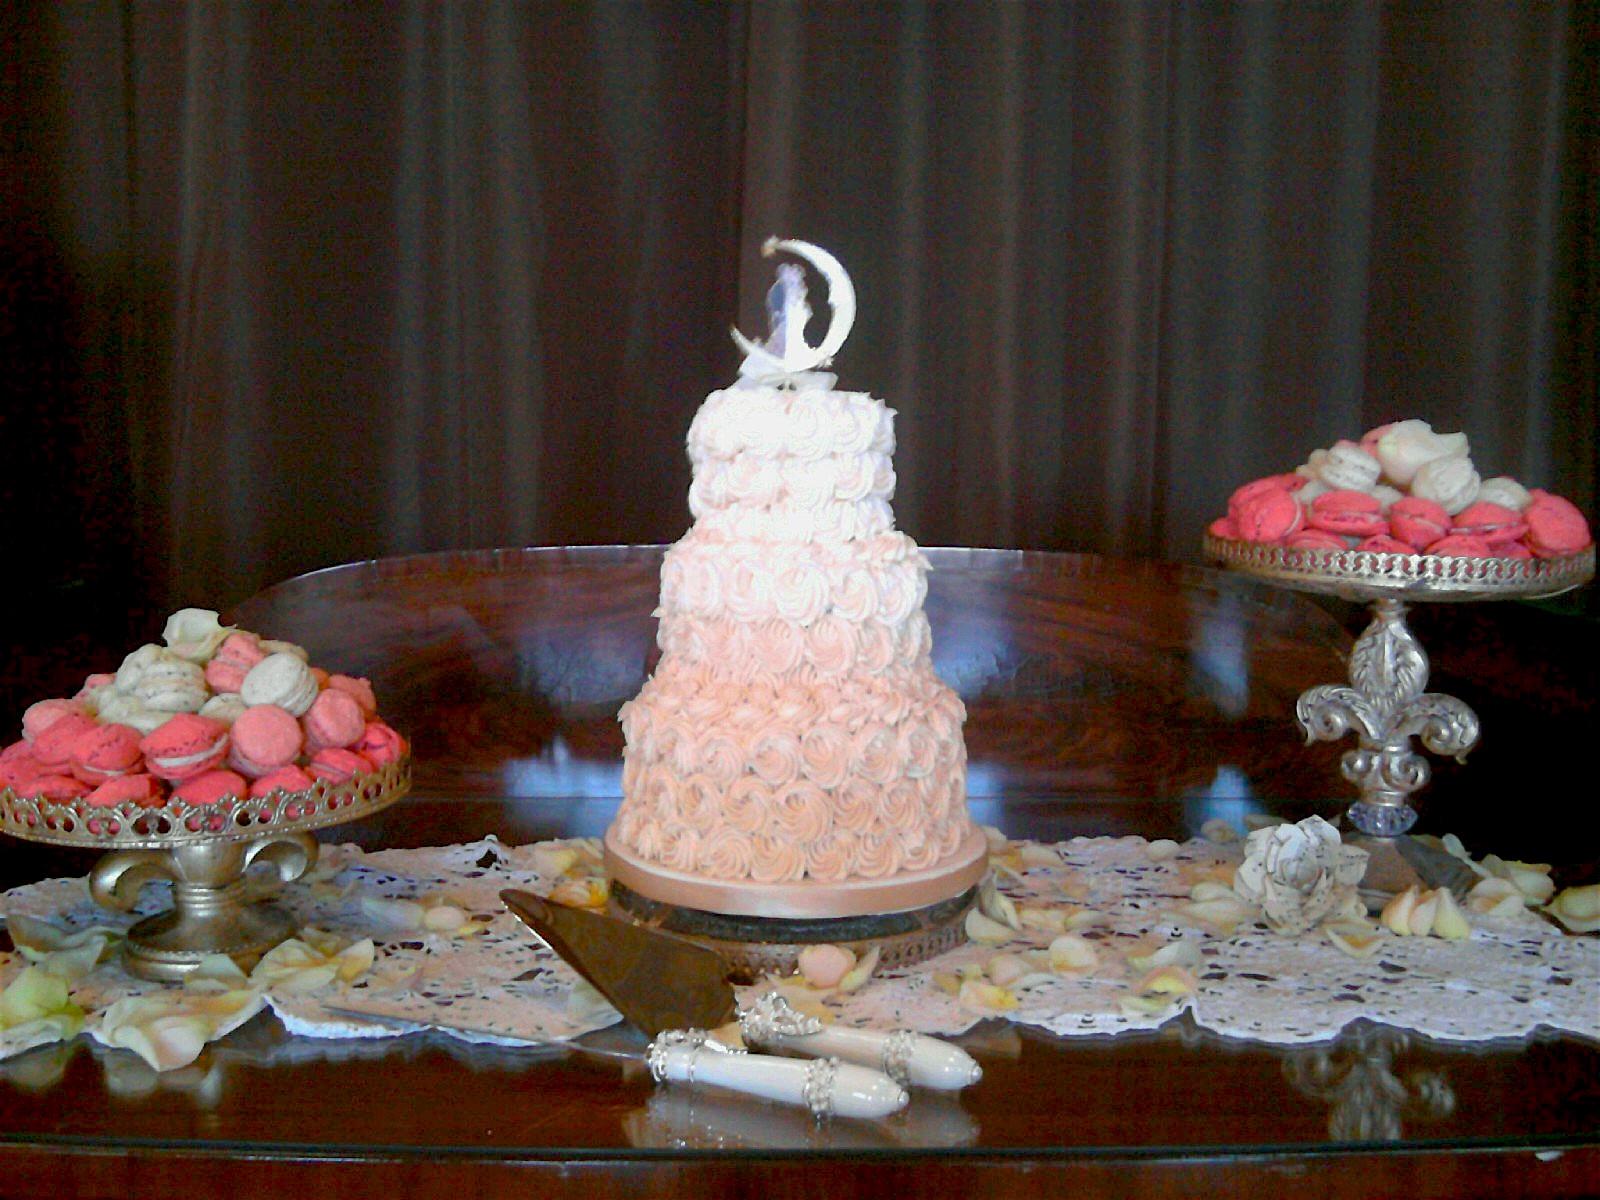 Wedding Cake wMacaroons1 Display